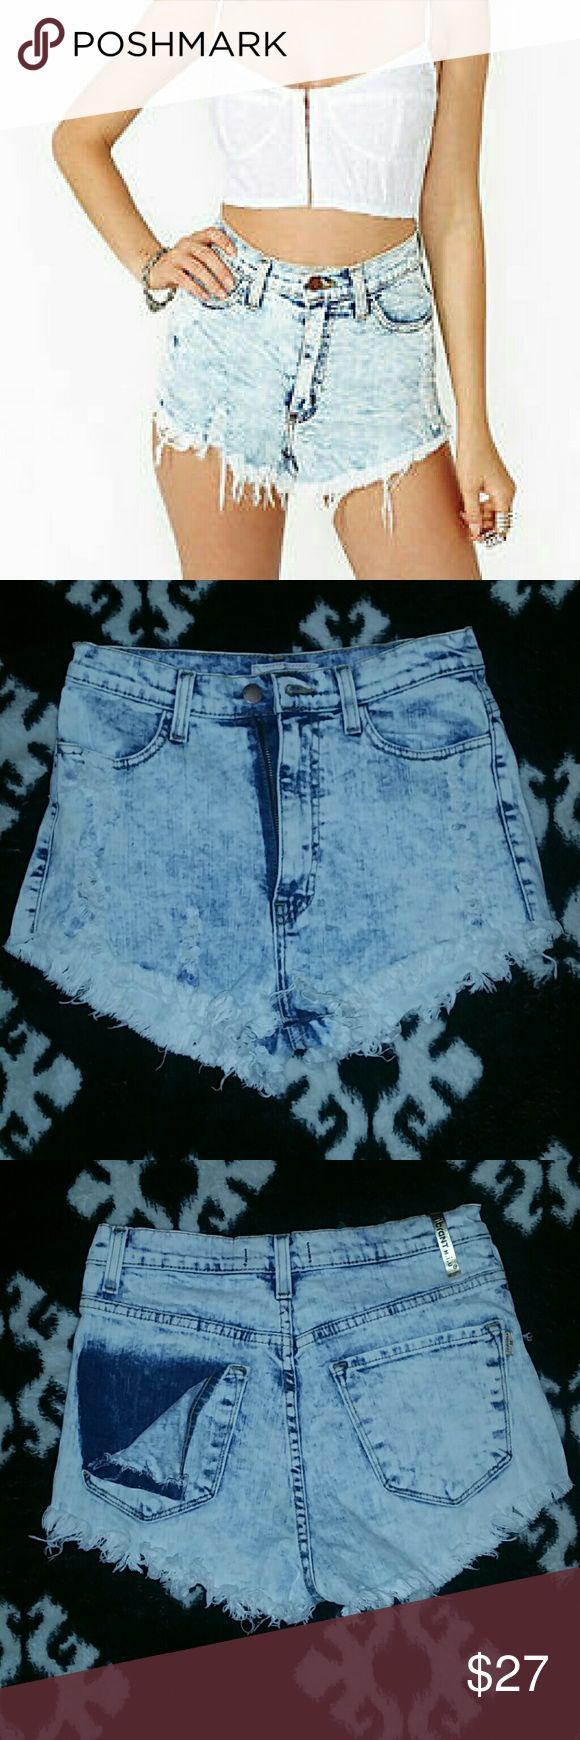 Vibrant m.i.u Acid washed shorts High waisted BRAND NEW Vibrant M.I.U Shorts